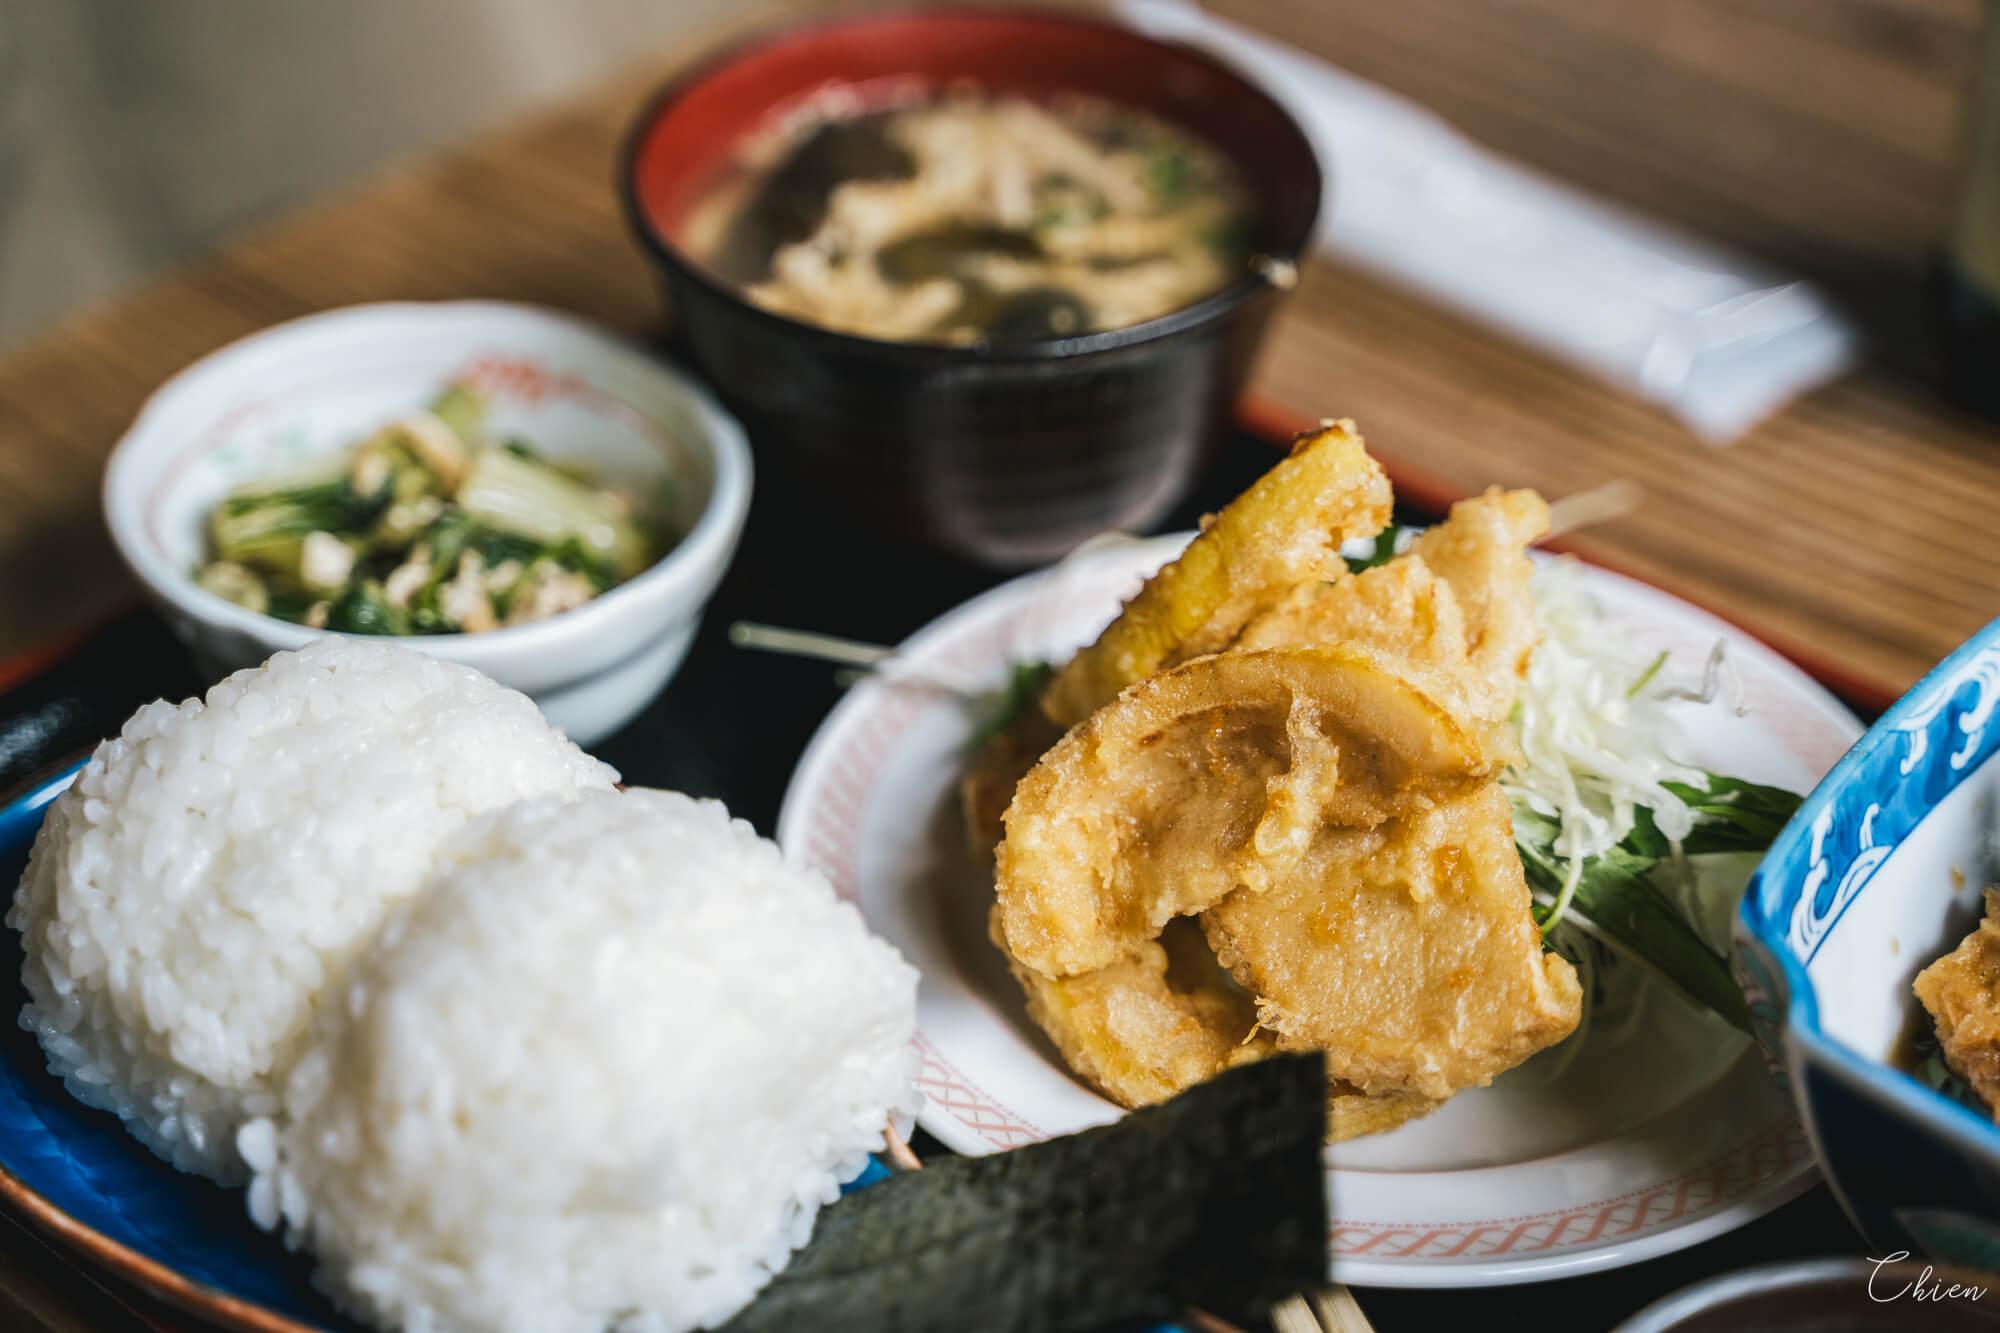 香川小豆食堂 手捏飯糰與天婦羅